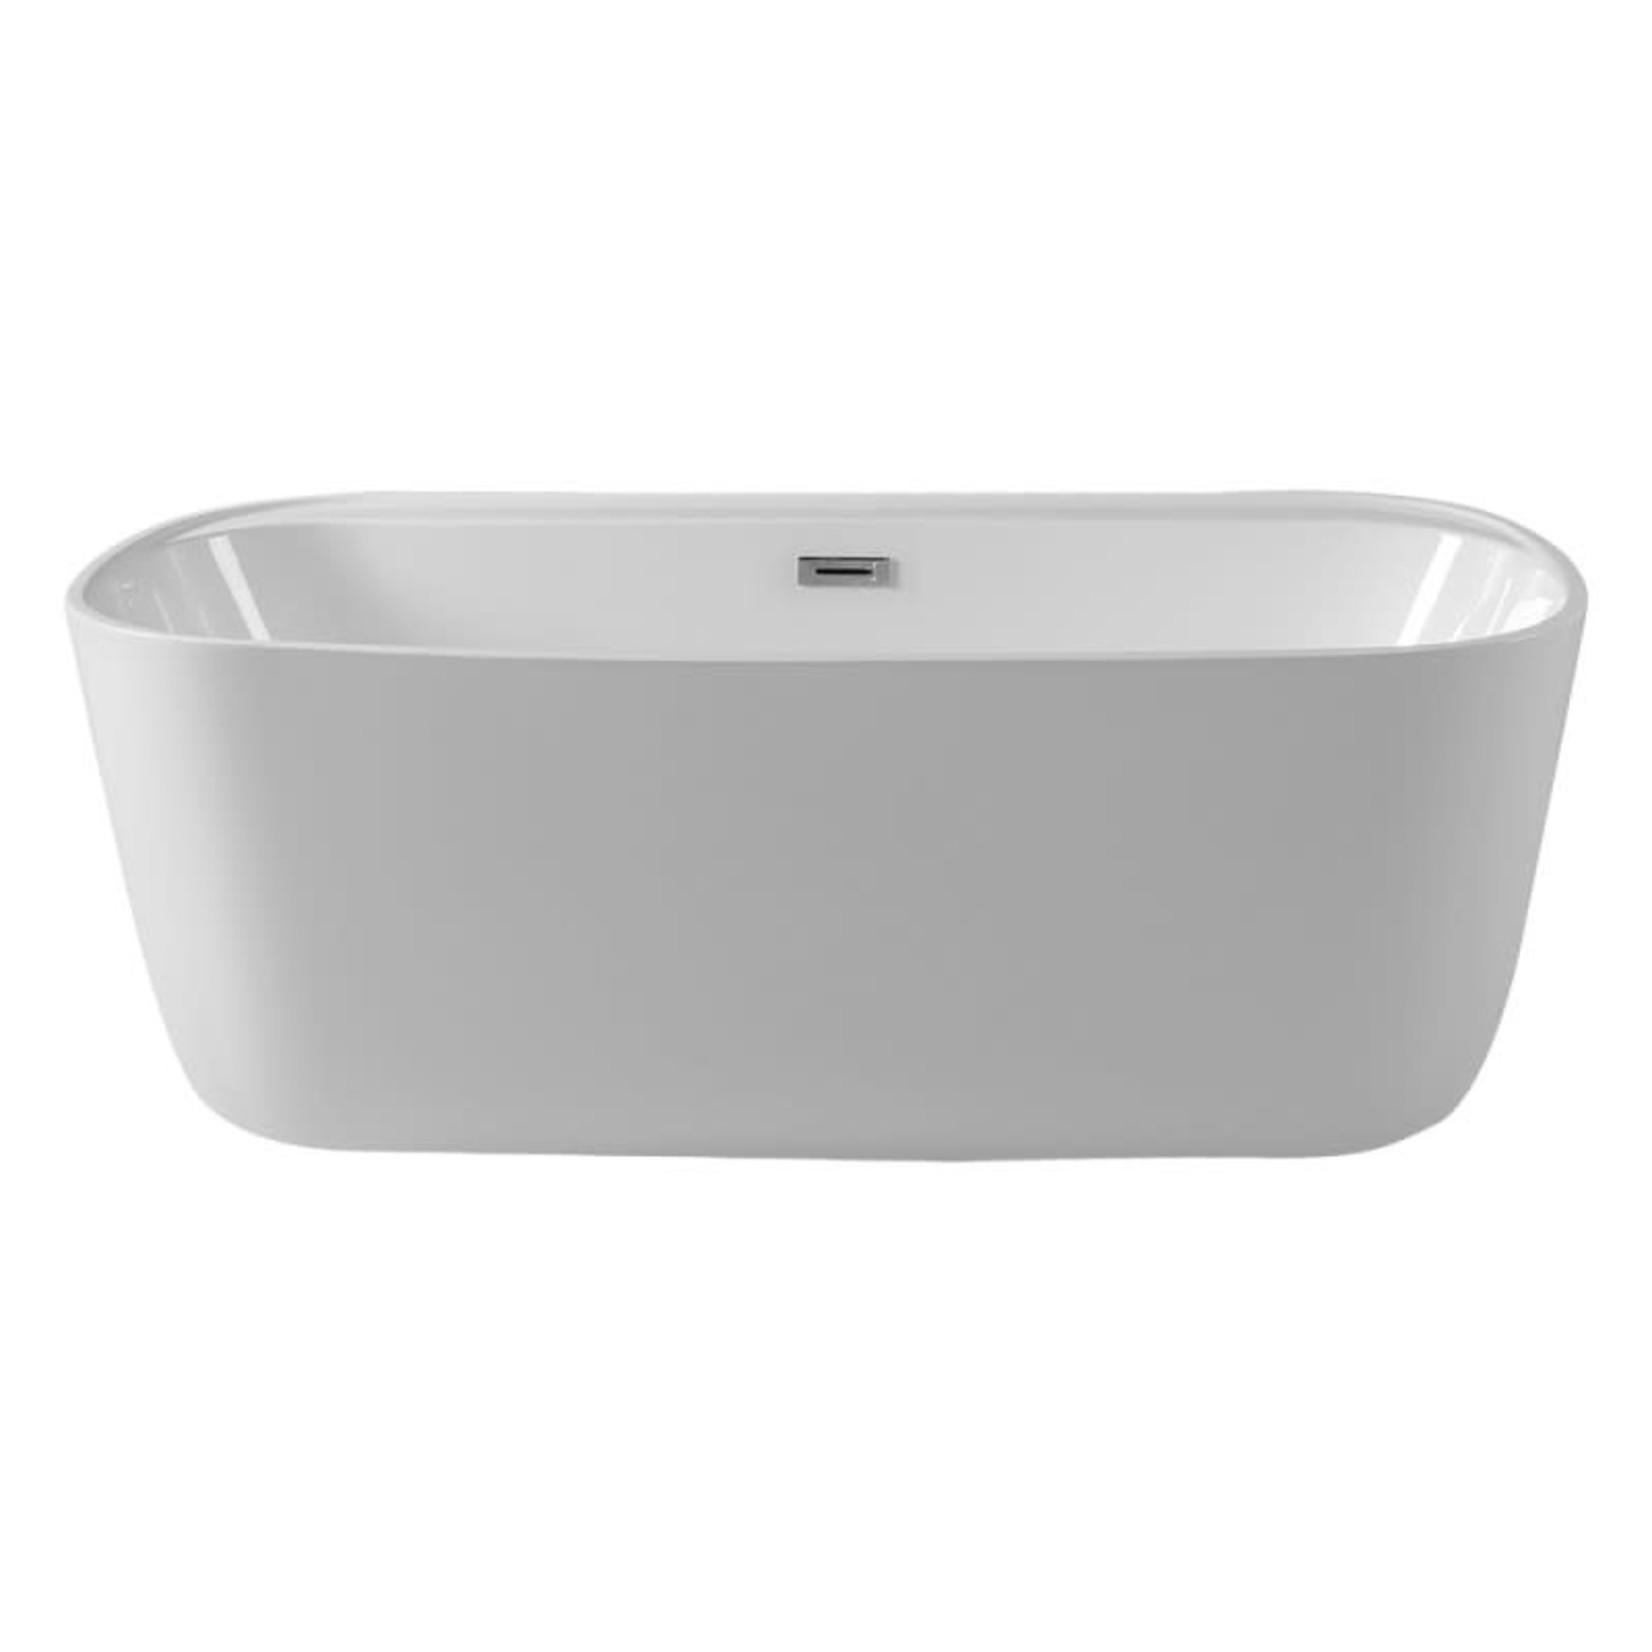 Freestanding bathtub Vola White